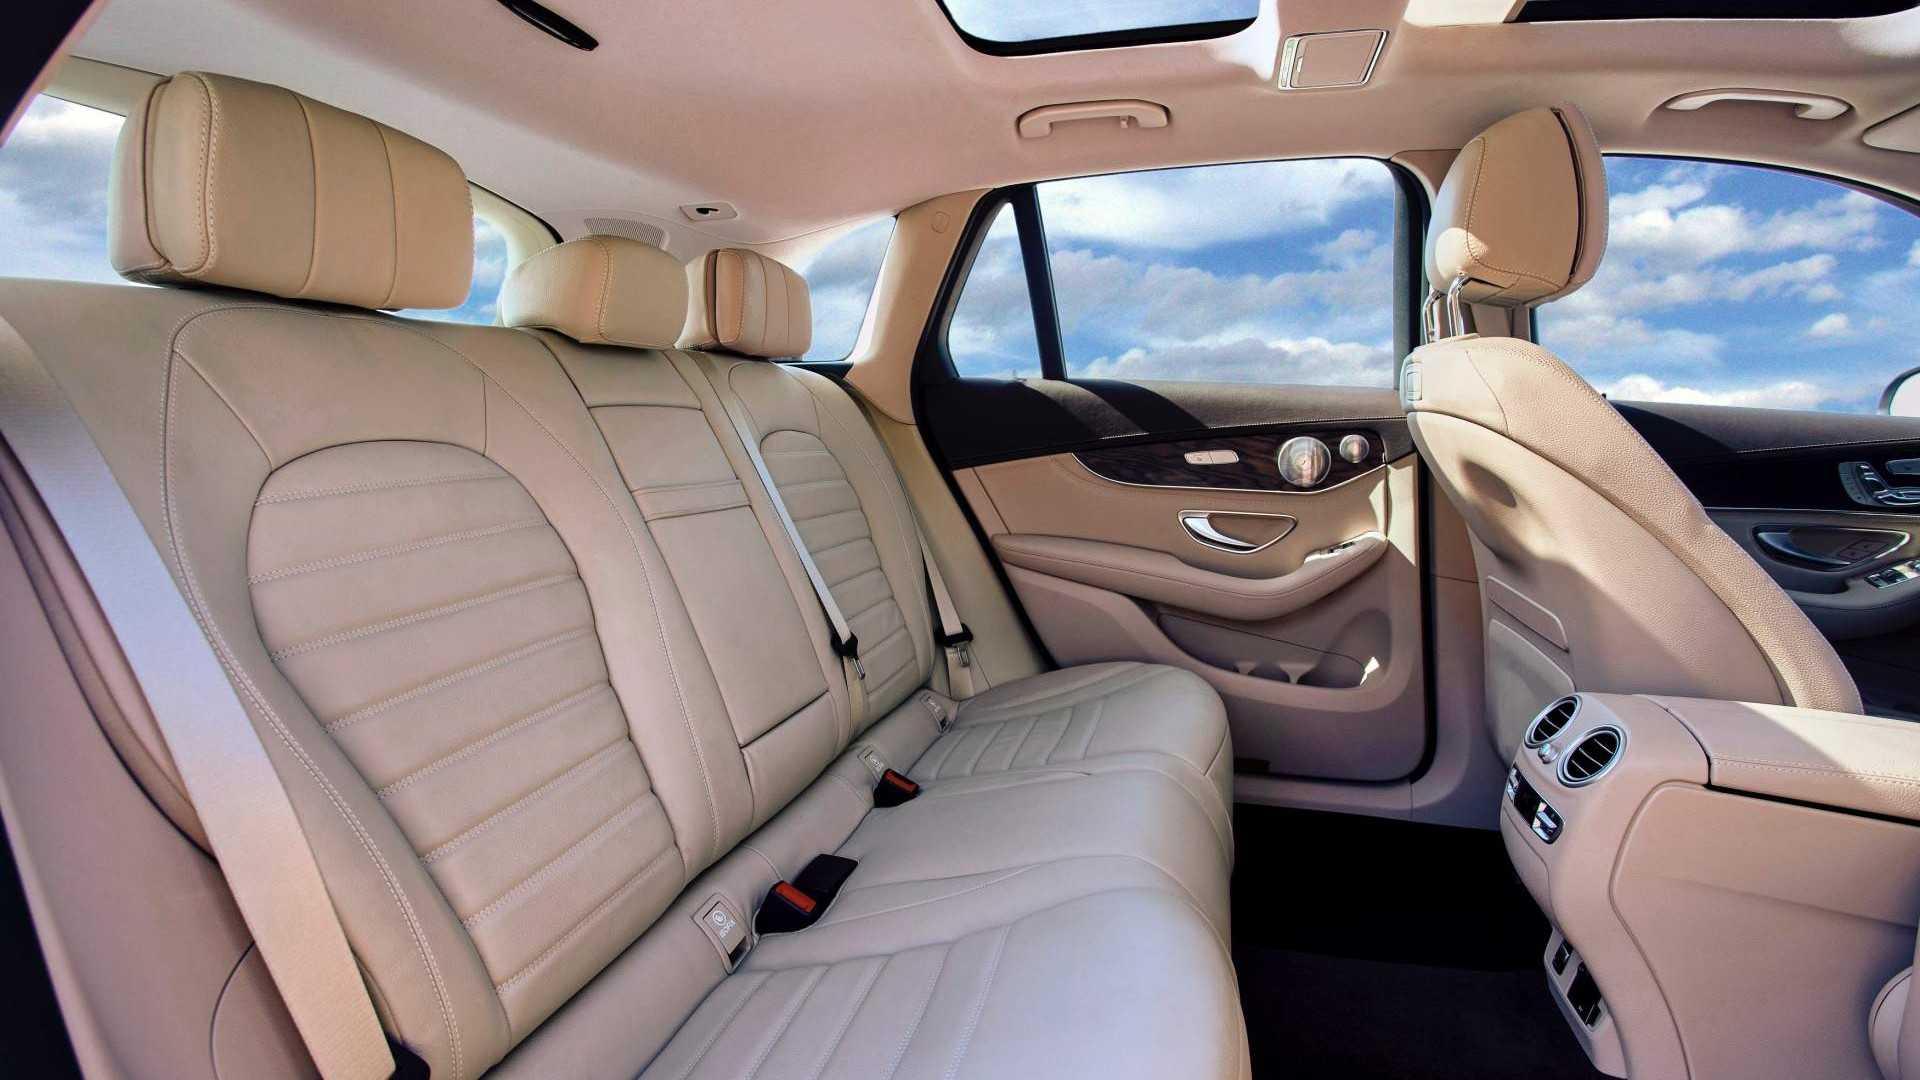 Khám phá Mercedes-Benz GLC L – Chiếc SUV dành riêng cho người Trung Quốc - ảnh 6